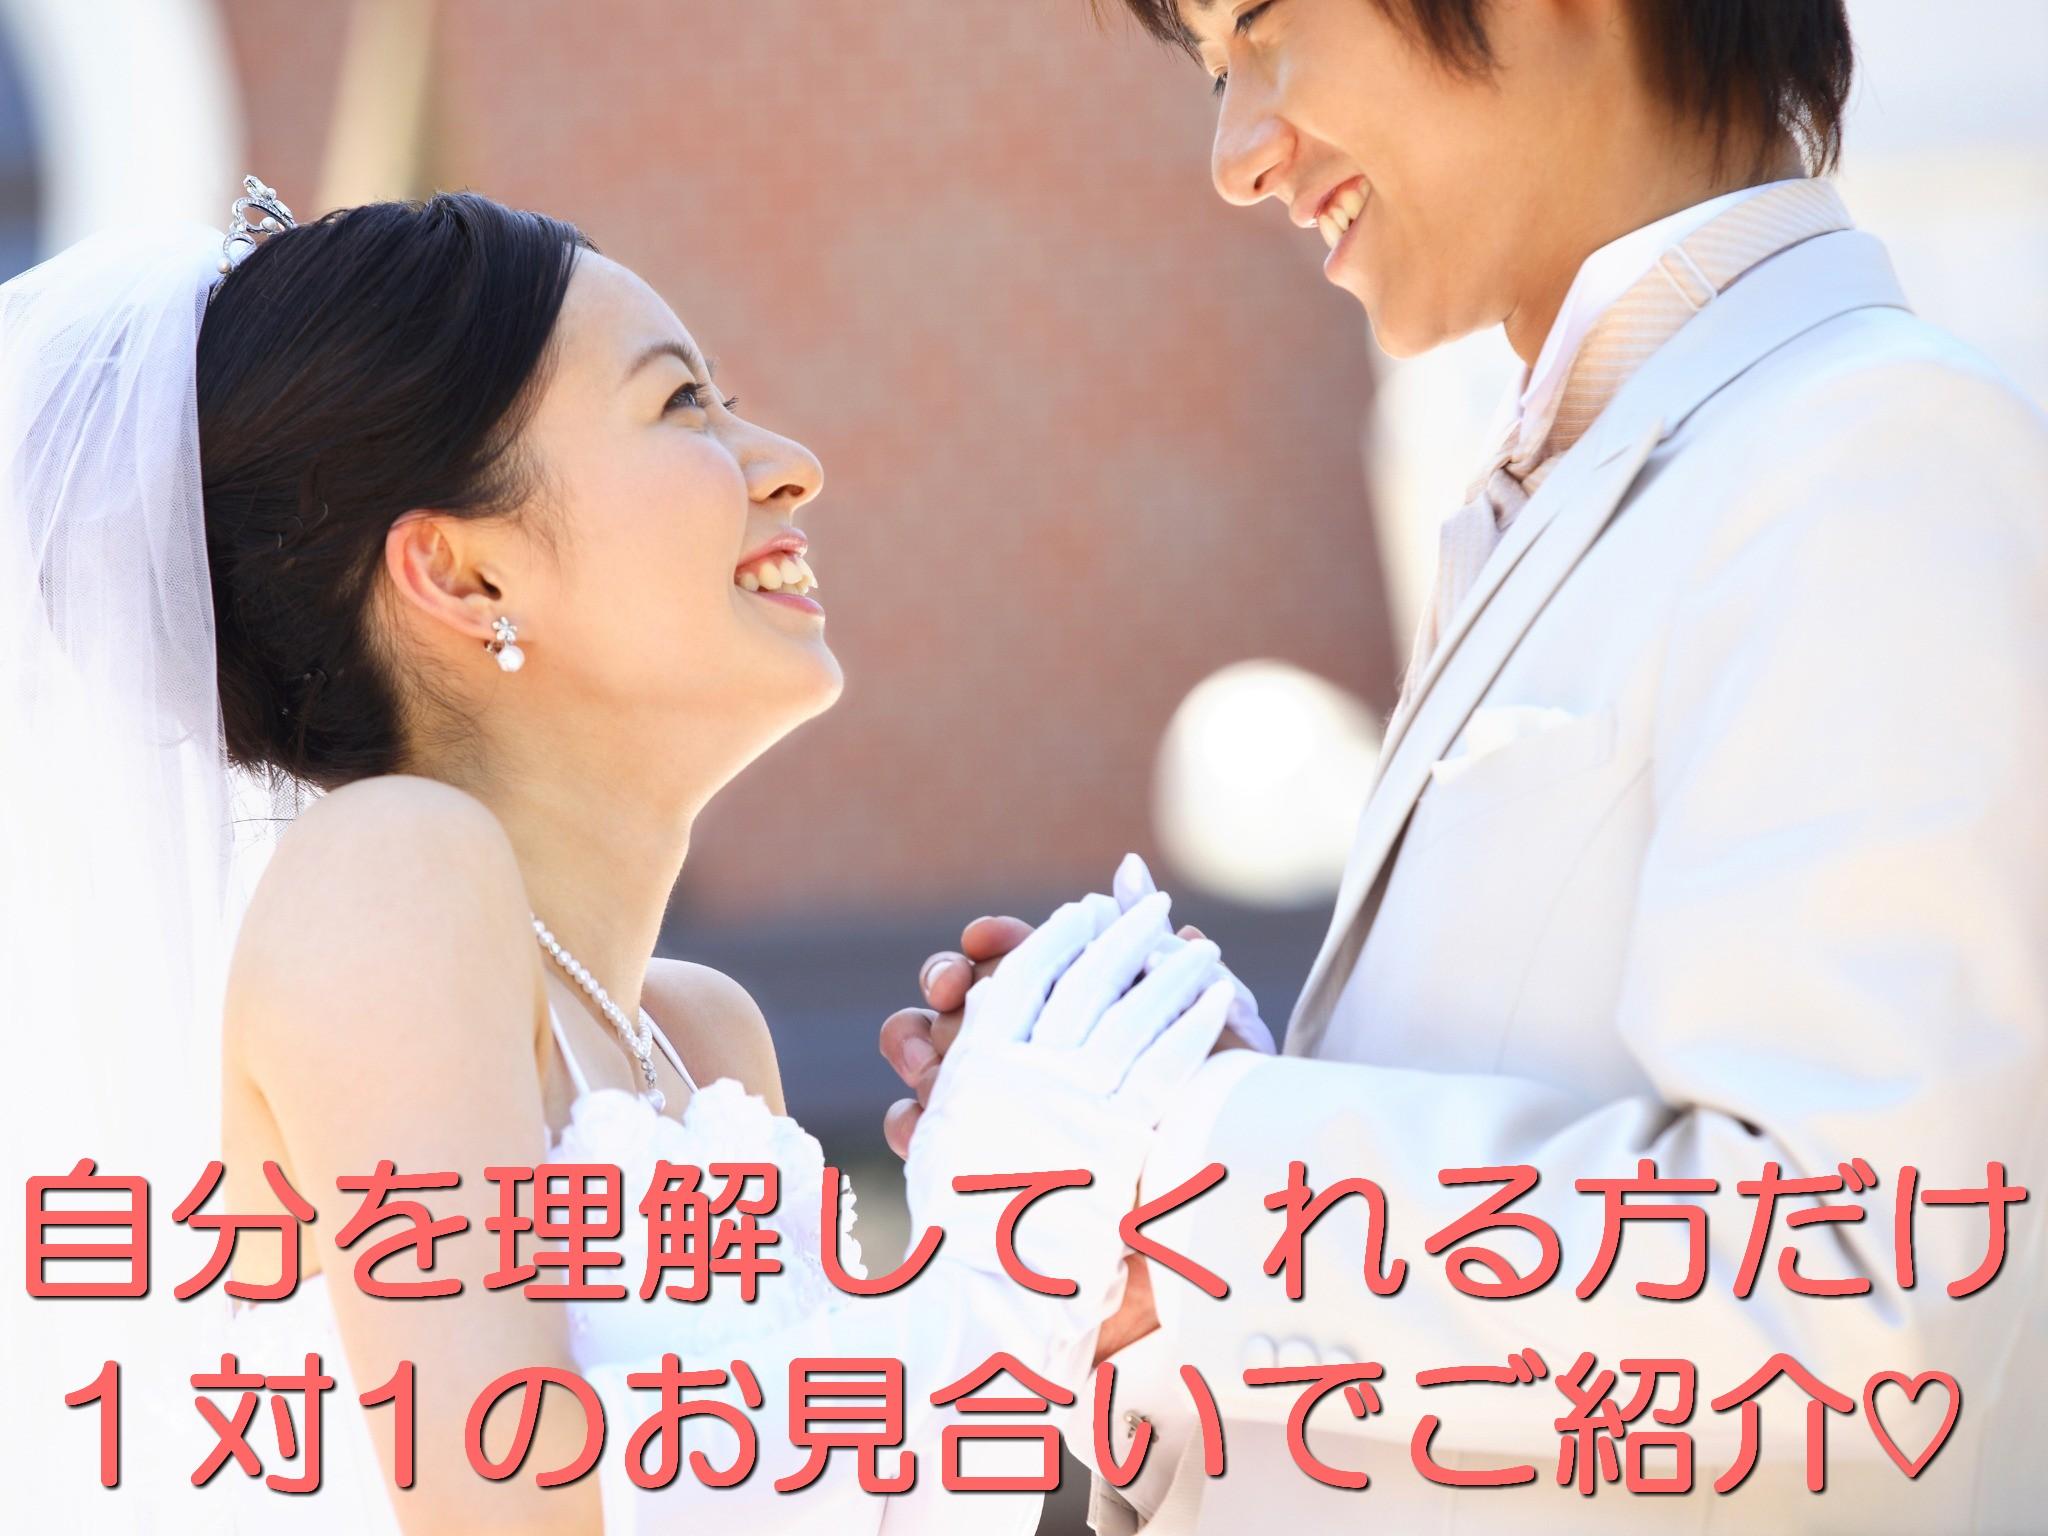 婚活東京なら20代・アラサー30代・アラフォー40代婚活の男性や女性に強い占い館開発の個室お見合いがオススメ!年齢・年収に関けなく相性(性格・価値観)が合う方だけをご紹介するため成婚率が高まります!